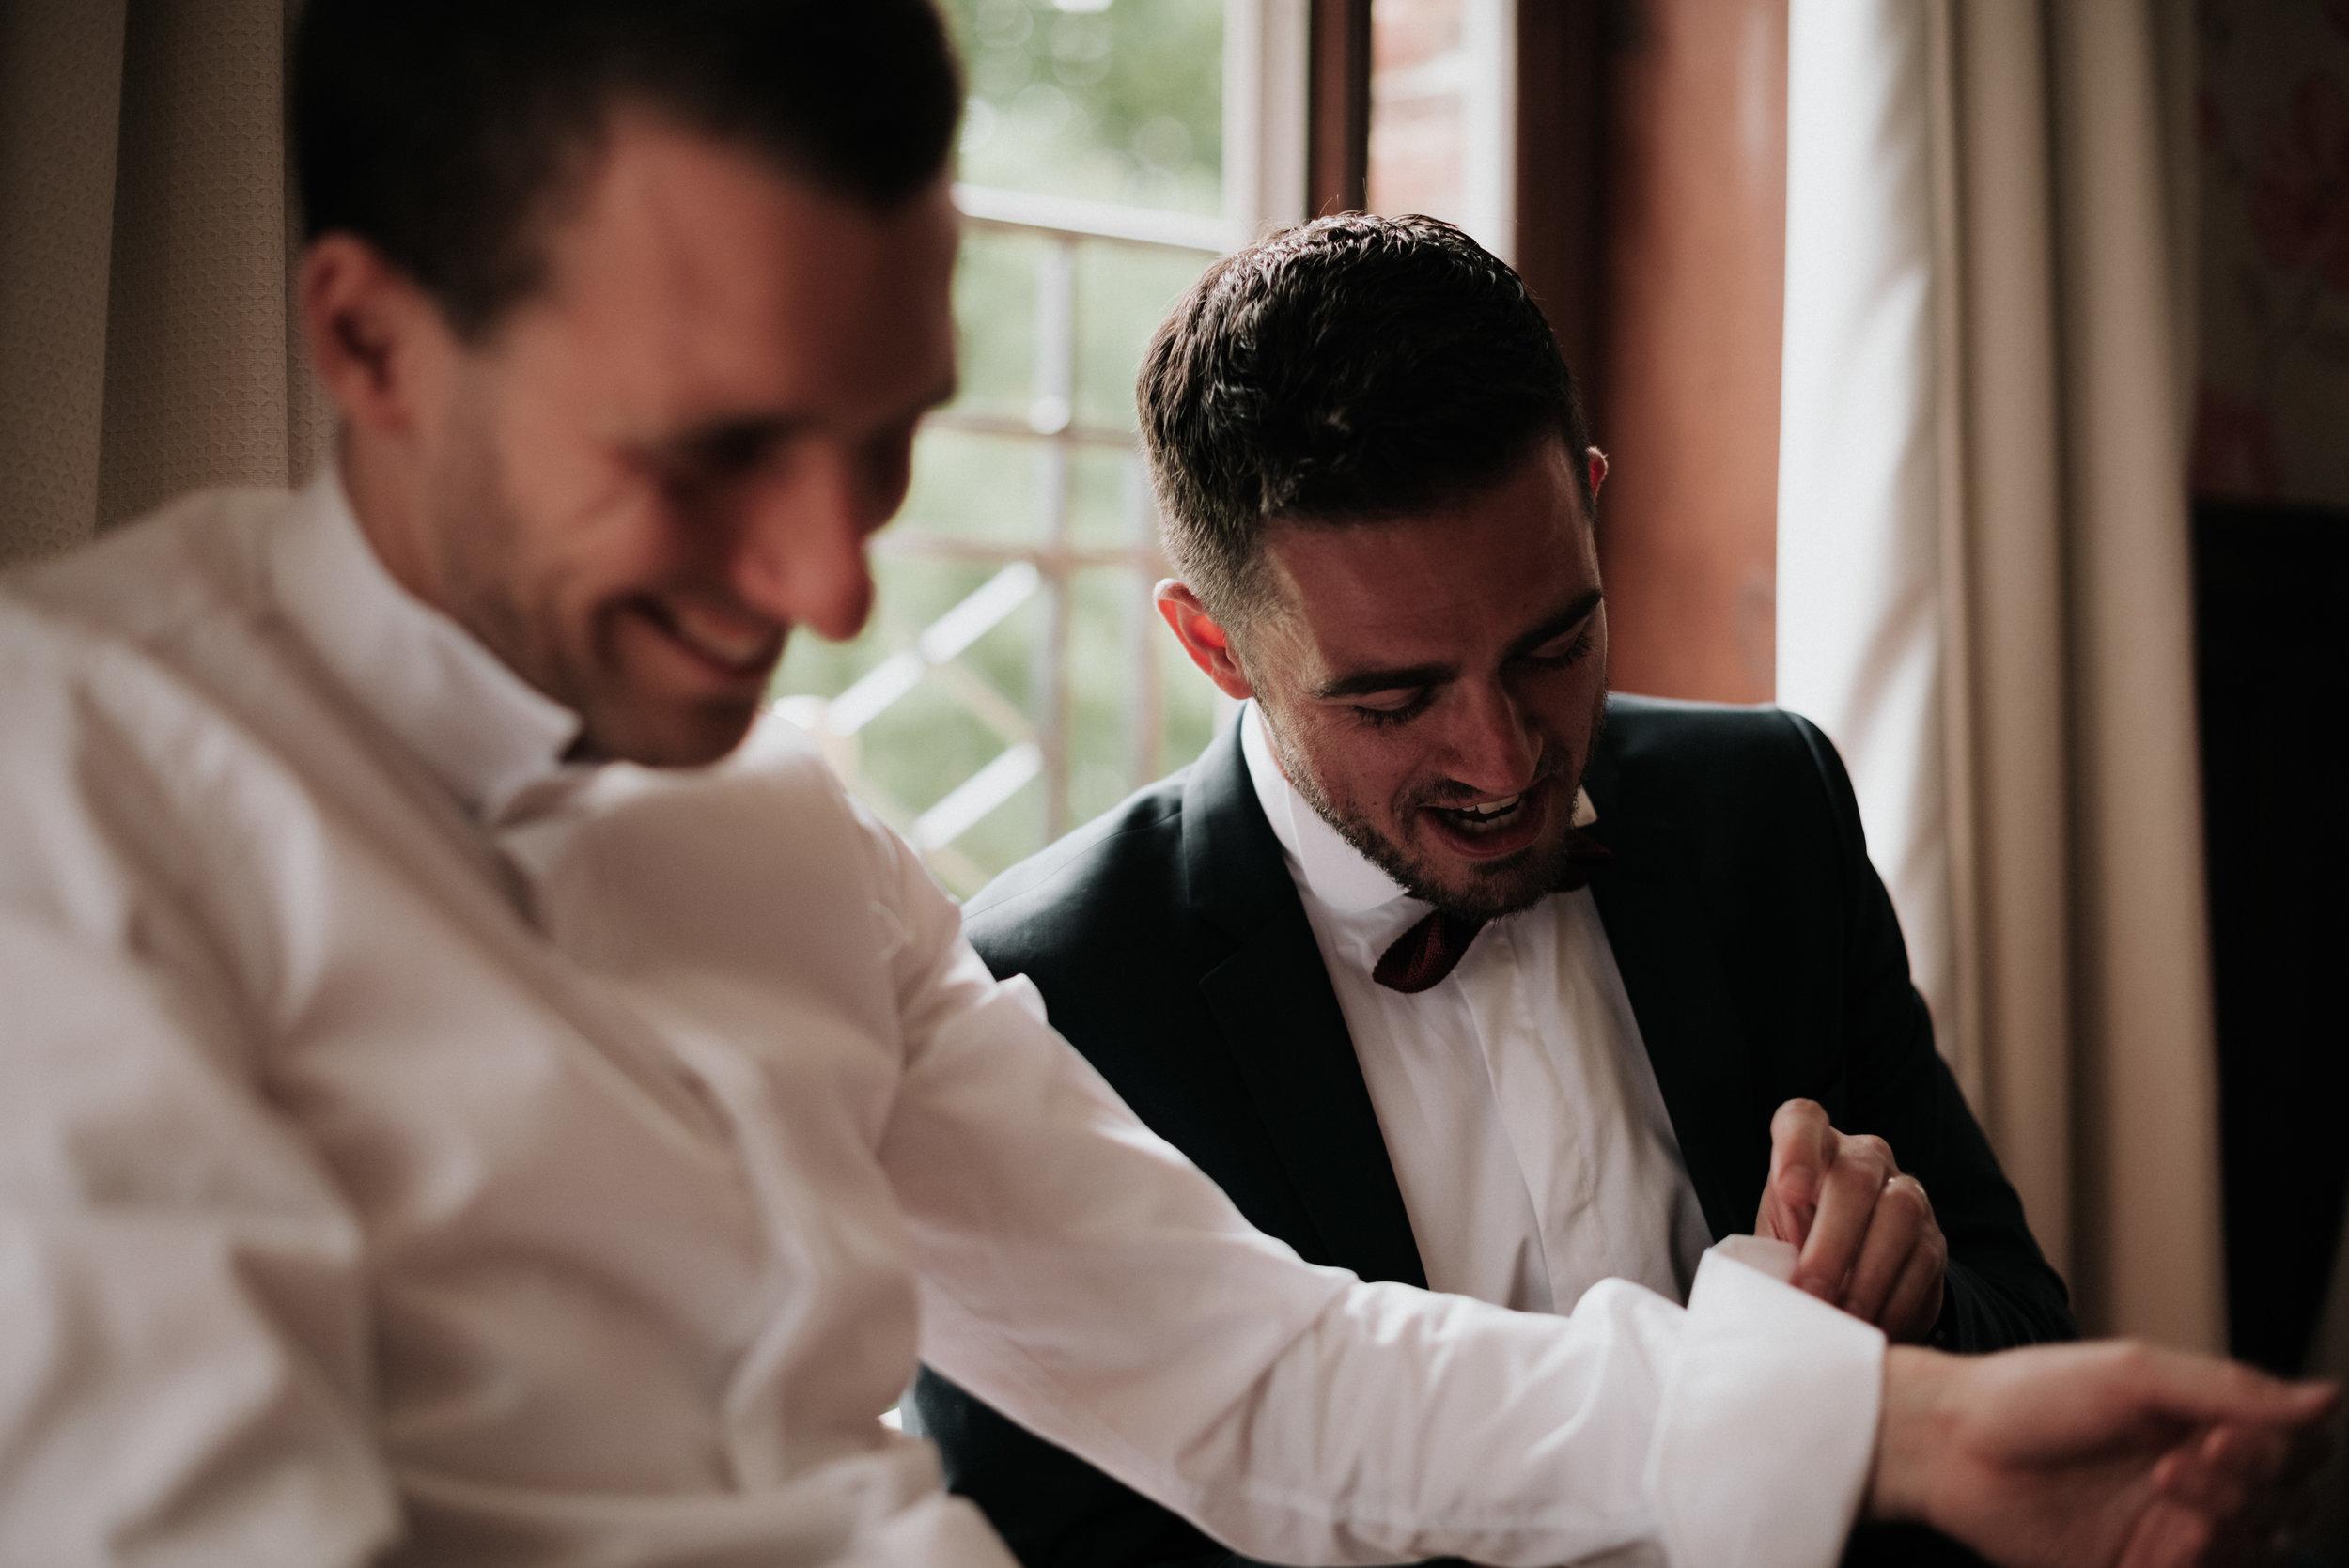 Léa-Fery-photographe-professionnel-lyon-rhone-alpes-portrait-creation-mariage-evenement-evenementiel-famille-4954.jpg